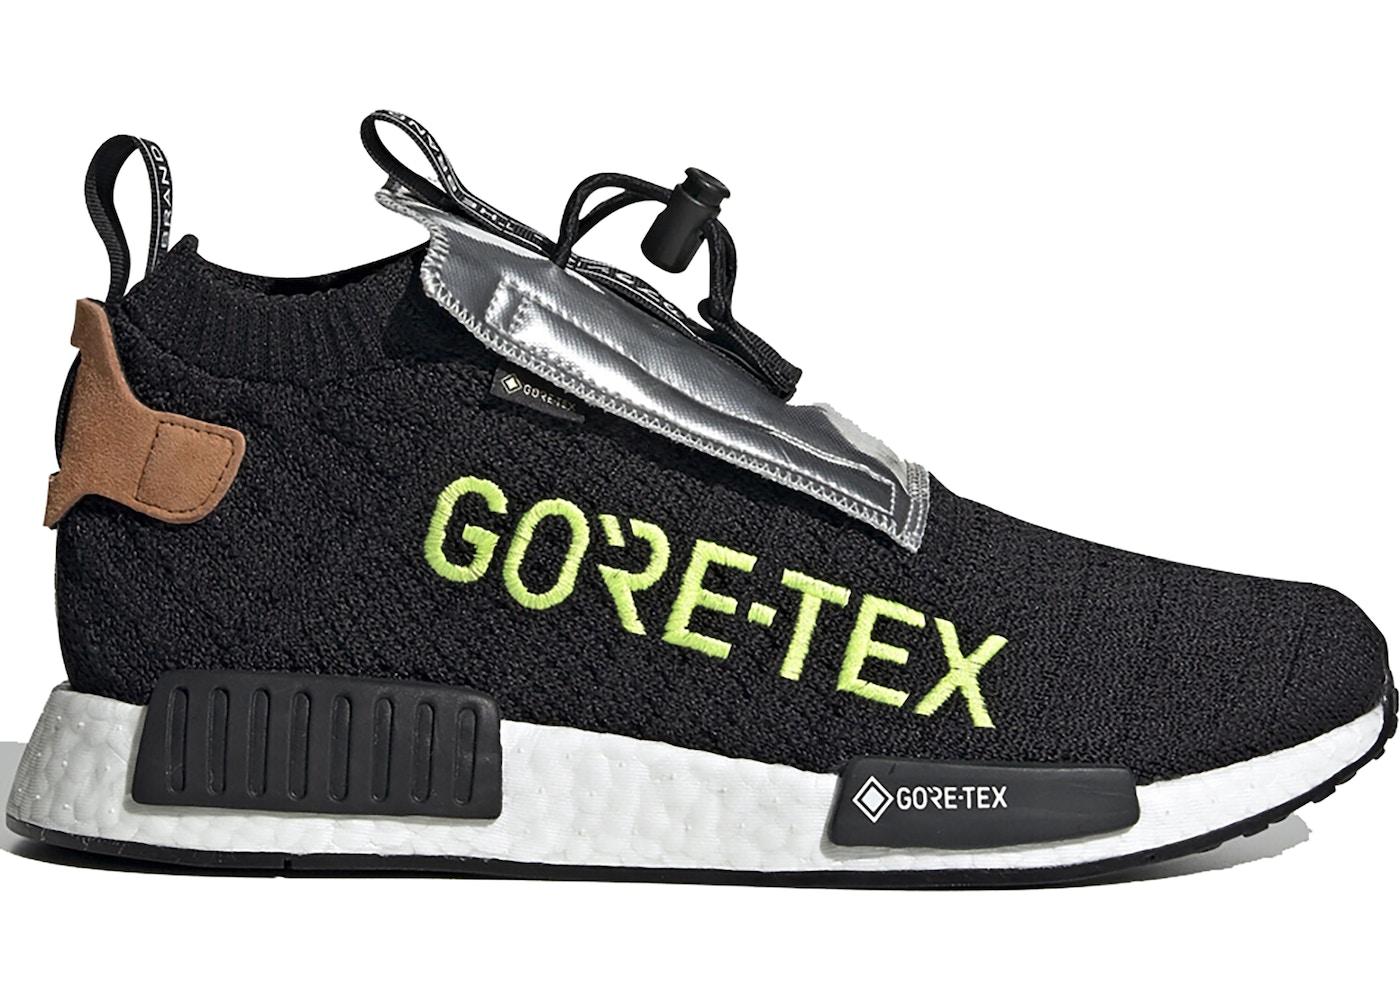 adidas goretex